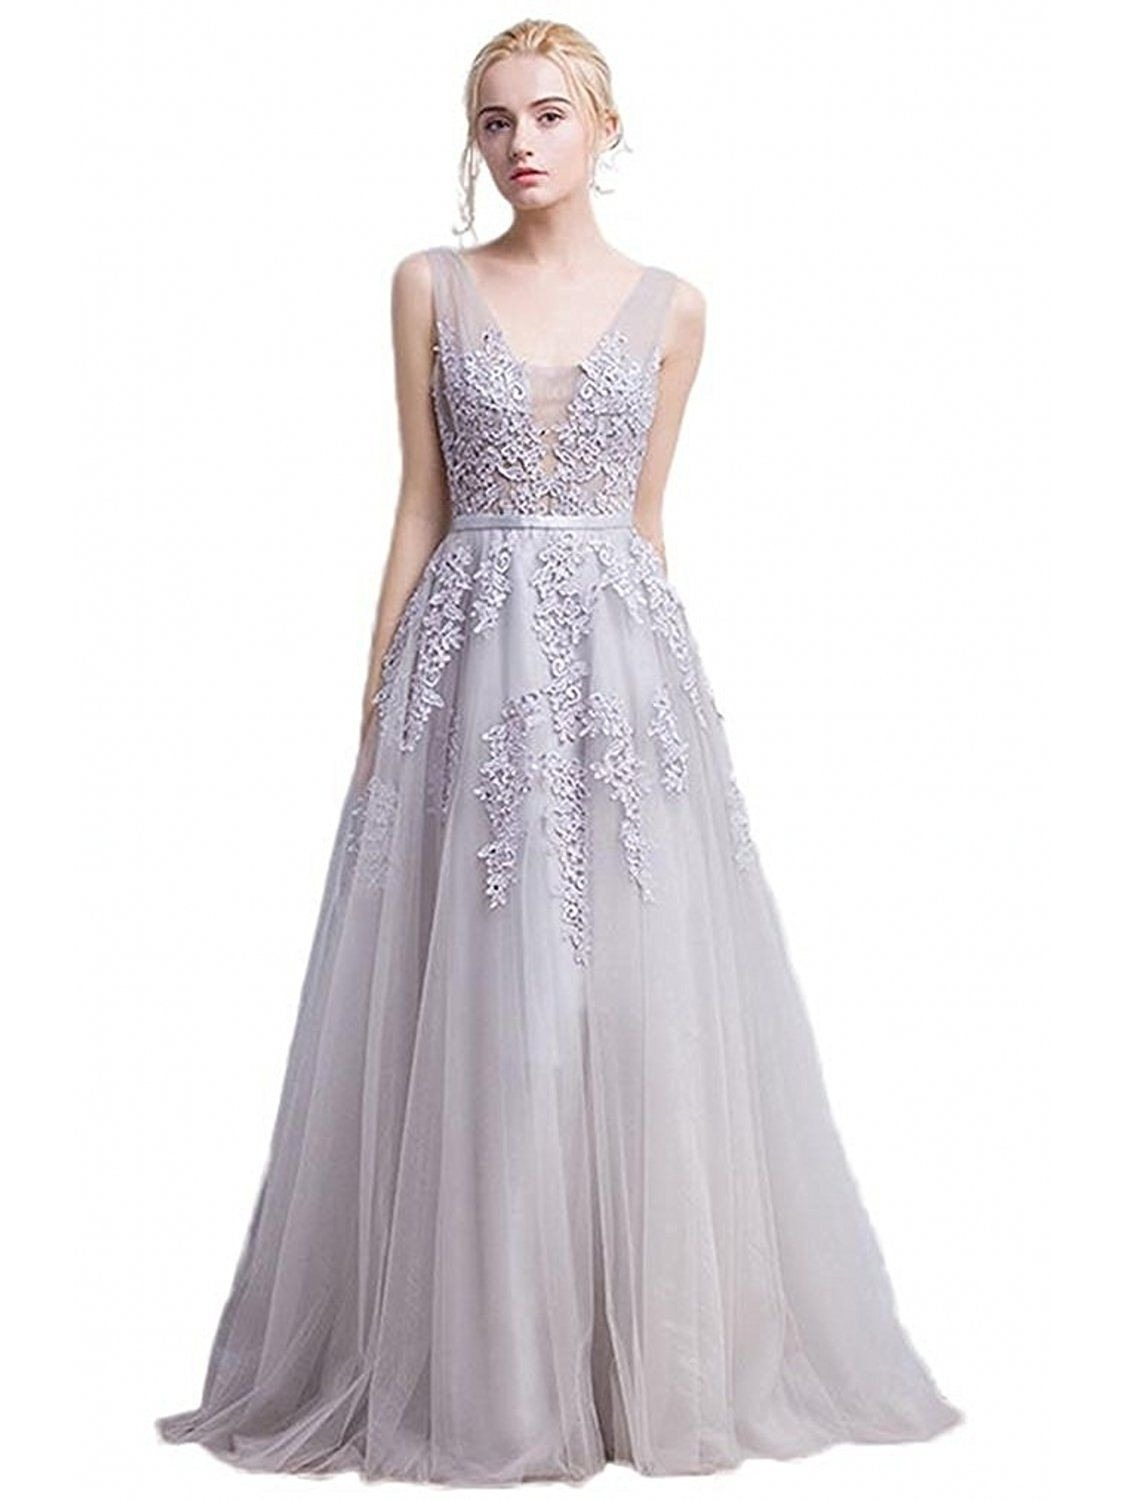 13 Elegant Abendkleider Lang Hochzeit StylishAbend Fantastisch Abendkleider Lang Hochzeit Stylish